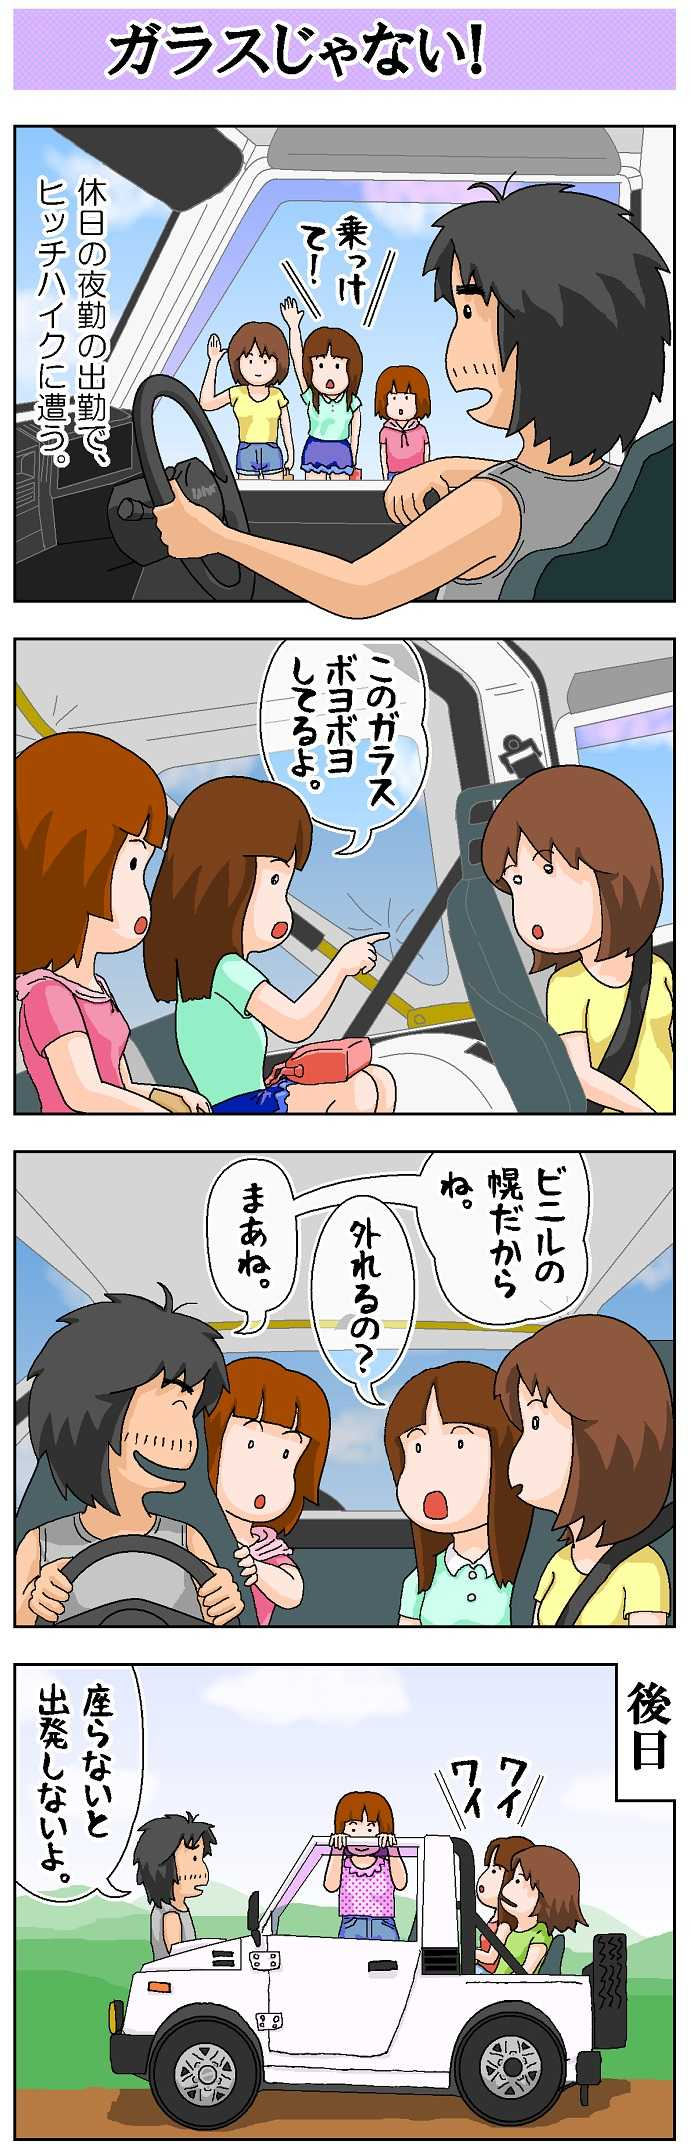 第127話 ガラスじゃない!